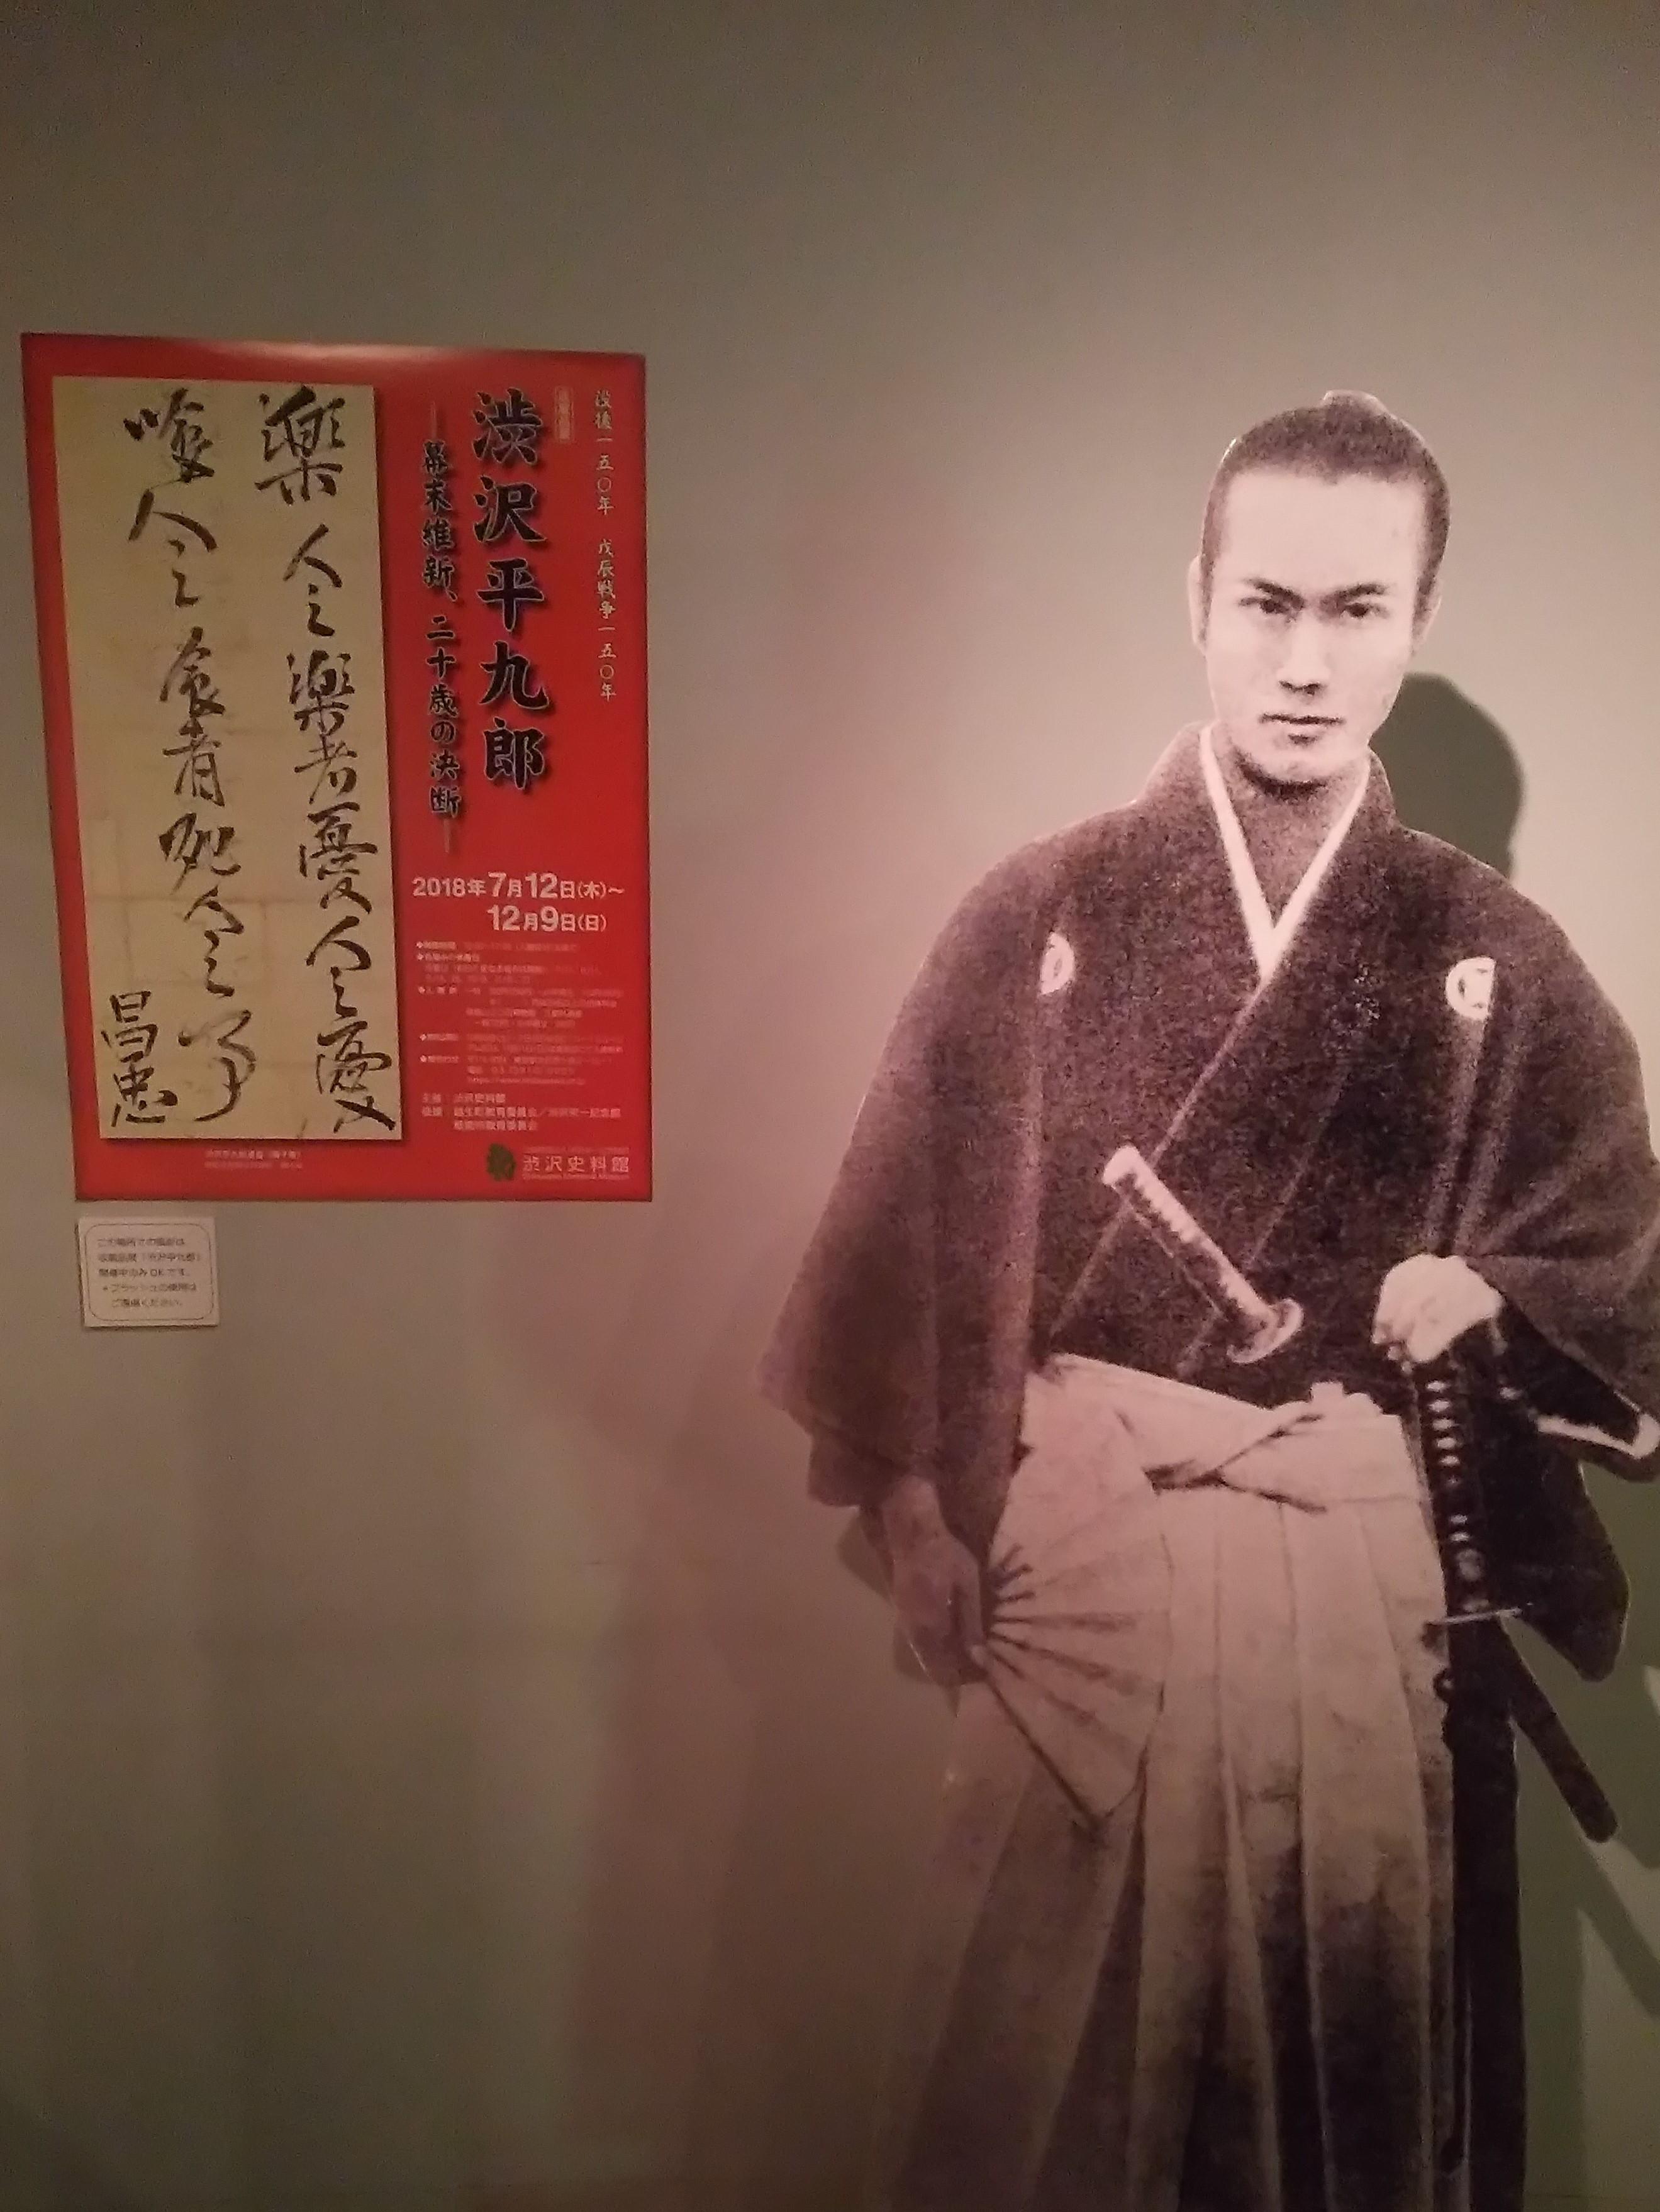 平 九郎 渋沢 汽車製造(株)『汽車会社蒸気機関車製造史』(1972.04)